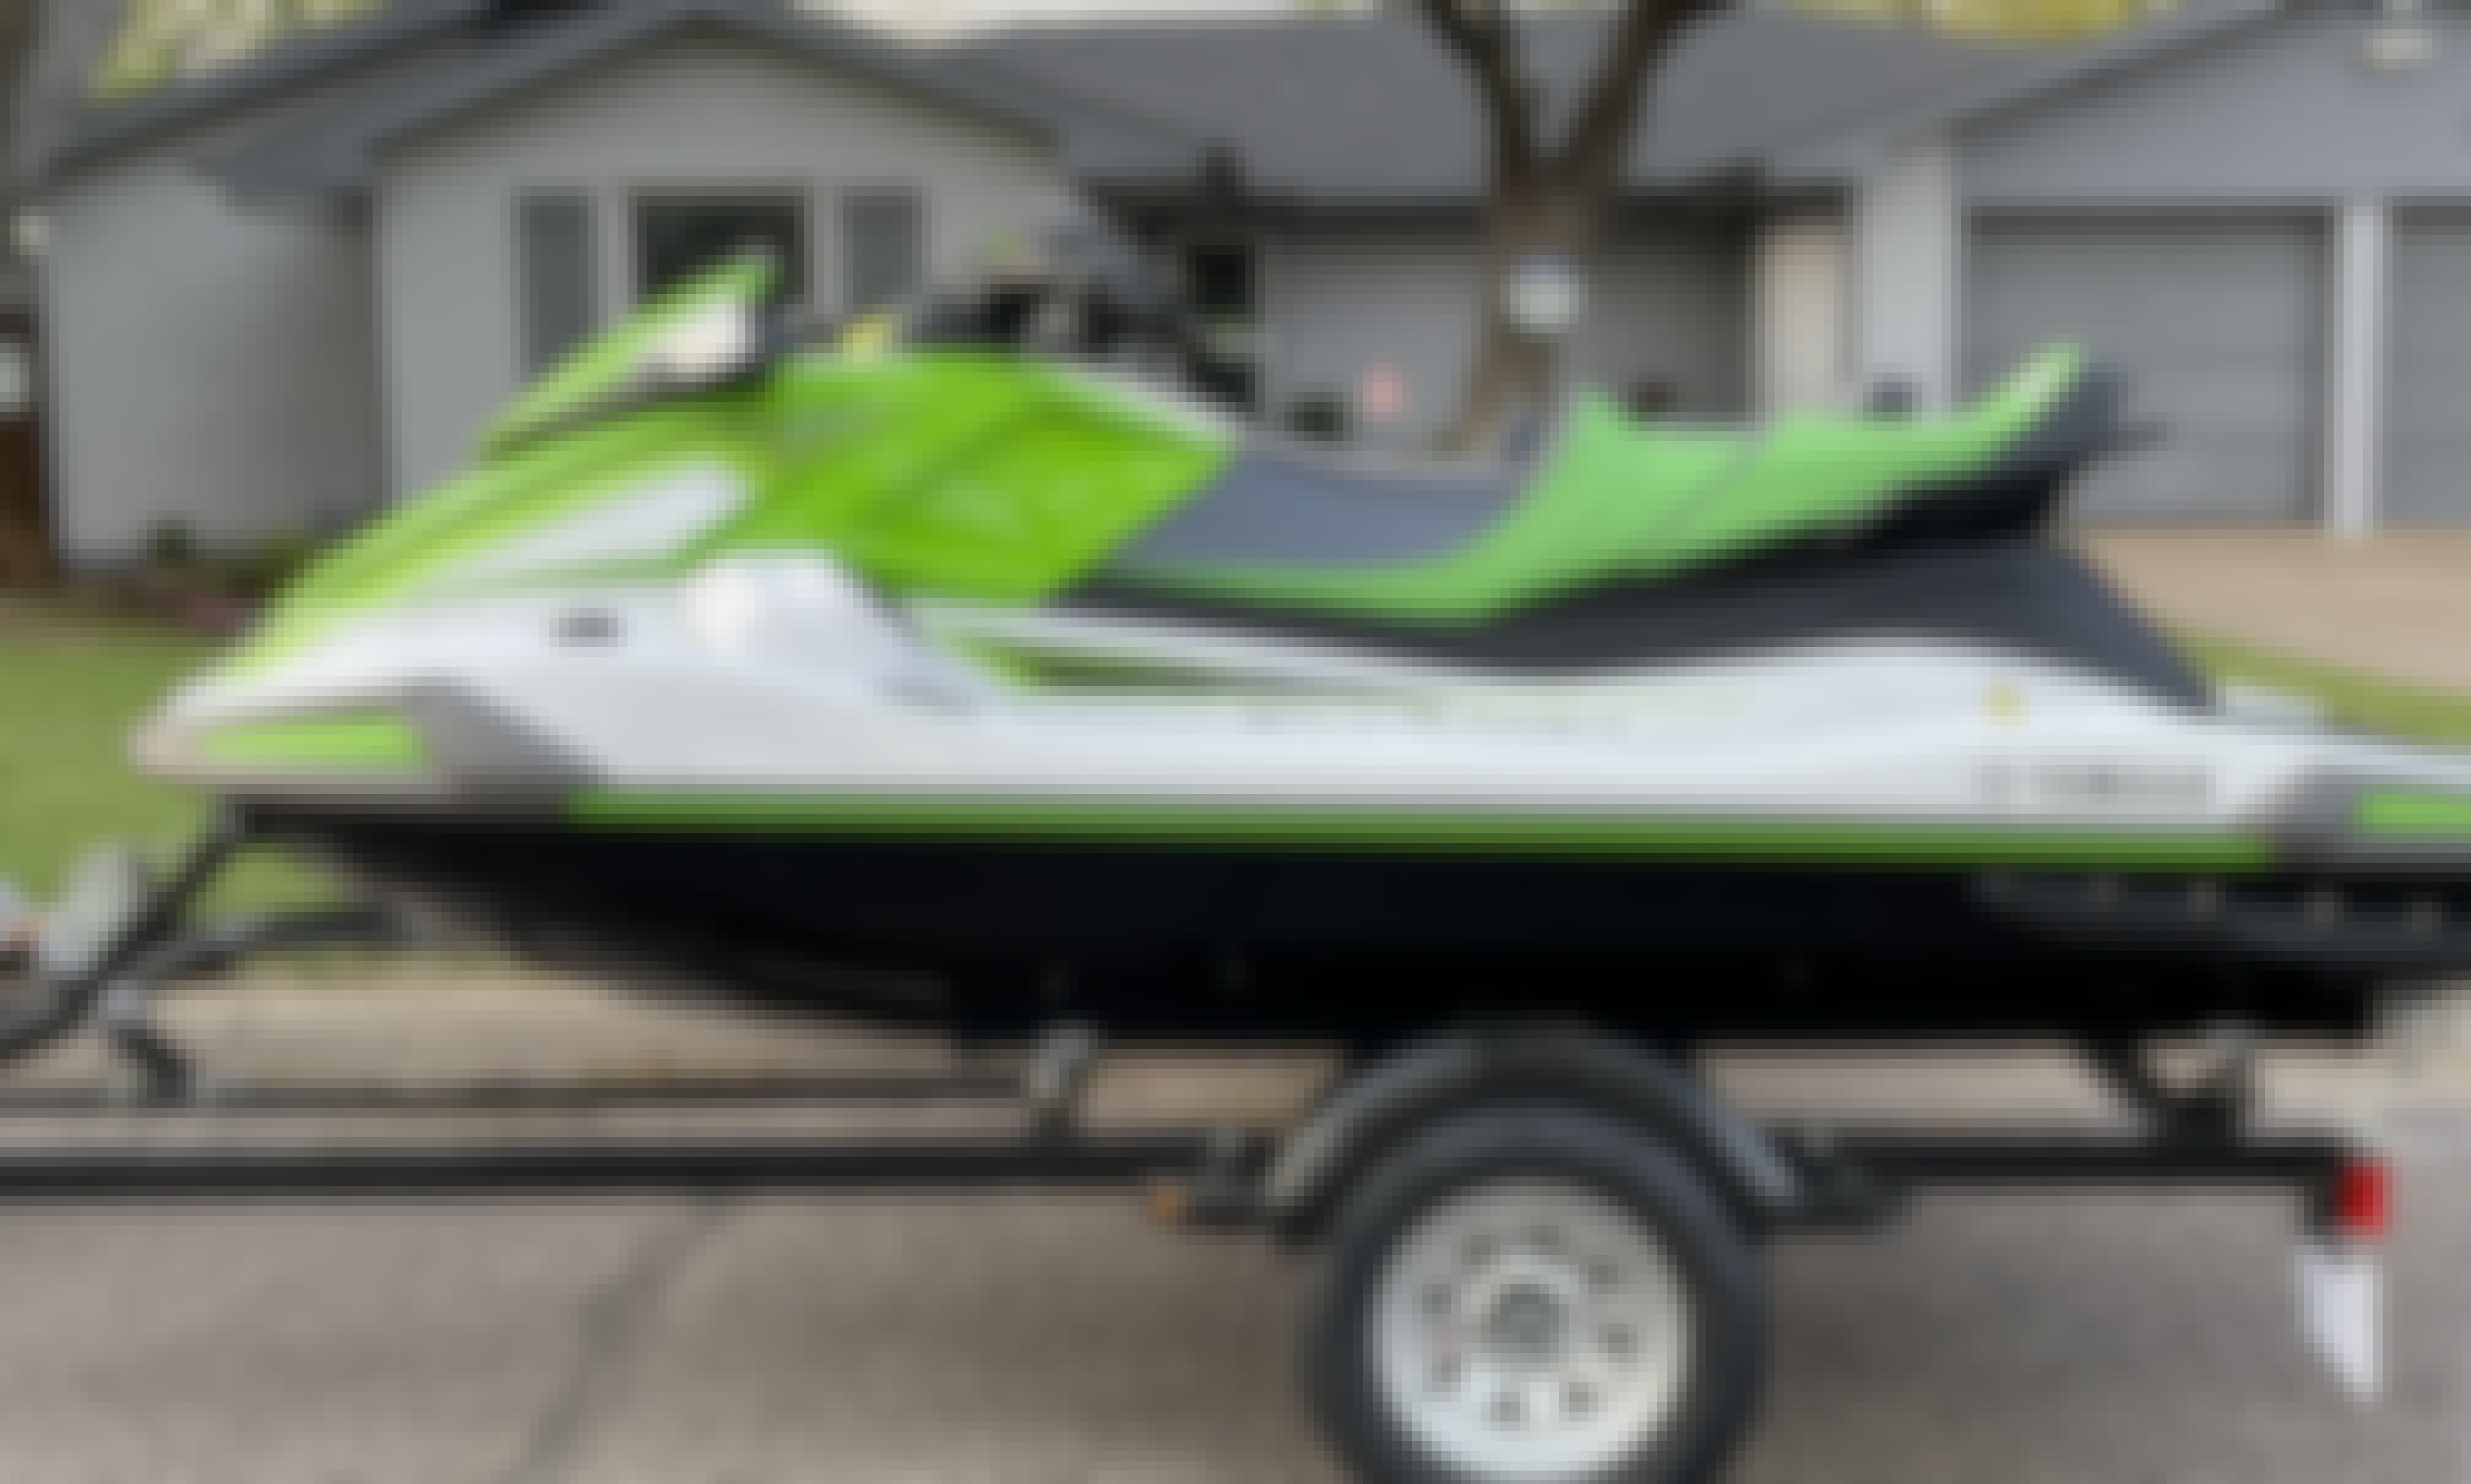 2021 Yamaha Waverunner Jet Skis For Rent x 2 | Lavon Lake